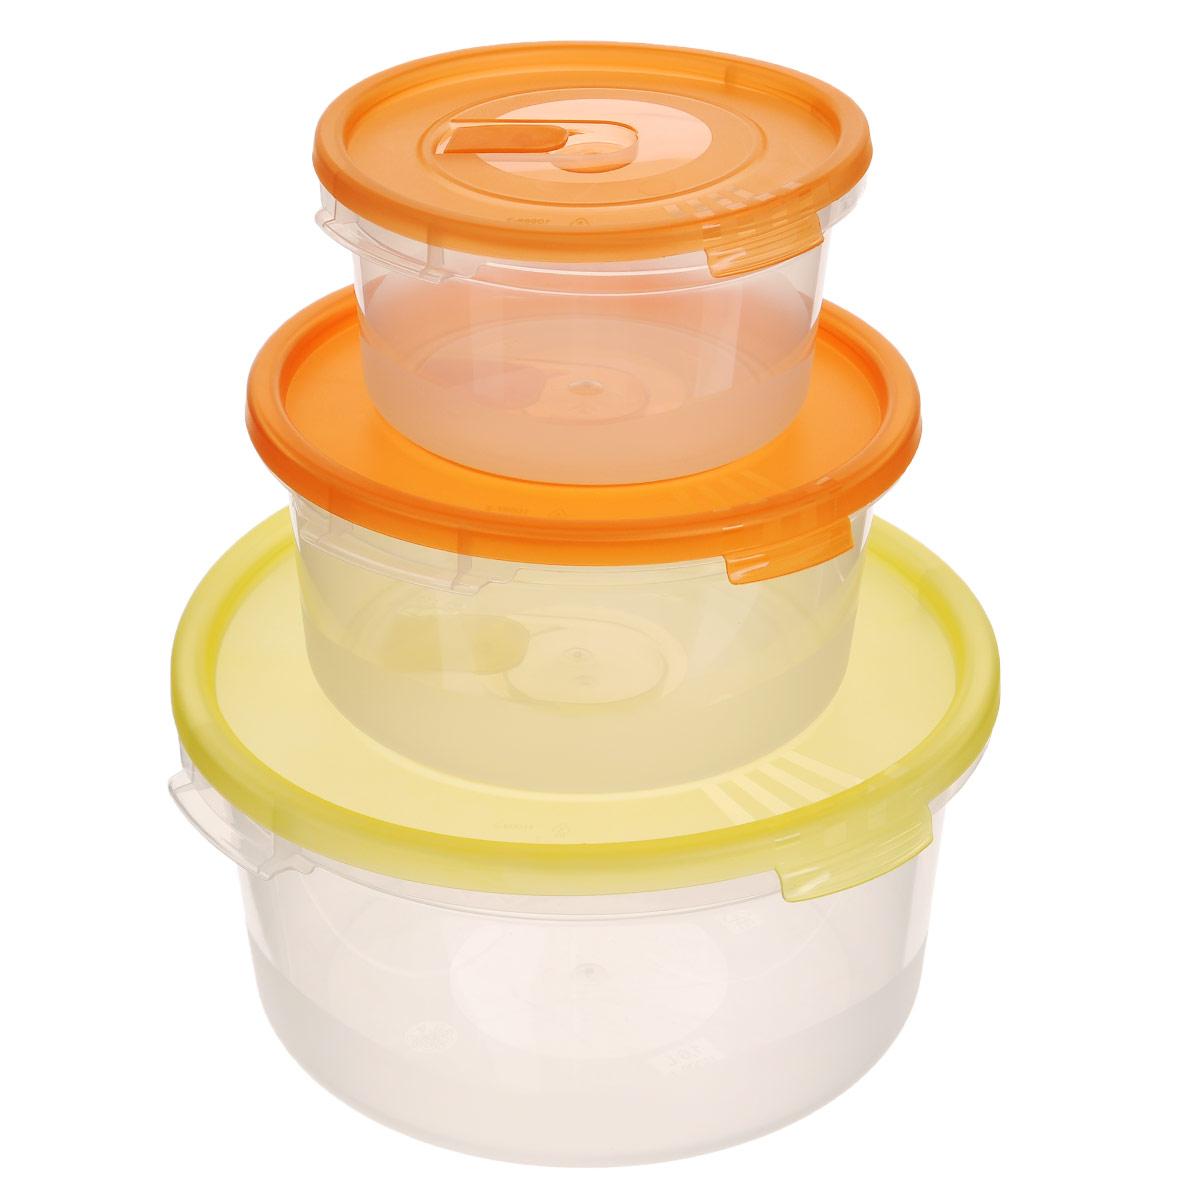 """Набор контейнеров Полимербыт """"Смайл"""" круглой формы, изготовленный из прочного пластика,  предназначен специально для хранения пищевых продуктов.  Каждый контейнер оснащен герметичной крышкой со специальным клапаном, благодаря которому  внутри создается вакуум, и продукты дольше сохраняют свежесть и аромат. Крышка легко  открывается и плотно закрывается. Стенки контейнера прозрачные - хорошо видно, что внутри.   Контейнер устойчив к воздействию масел и жиров, легко моется. Подходит для использования в  микроволновых печах при температуре до +100°С, выдерживает хранение в морозильной камере  при температуре -40°С, его можно мыть в посудомоечной машине.   Объем: 0,4 л; 0,8 л; 1,6 л. Диаметр: 12 см; 15 см; 20 см.  Высота стенки (без учета крышки): 6 см; 7 см; 9 см."""